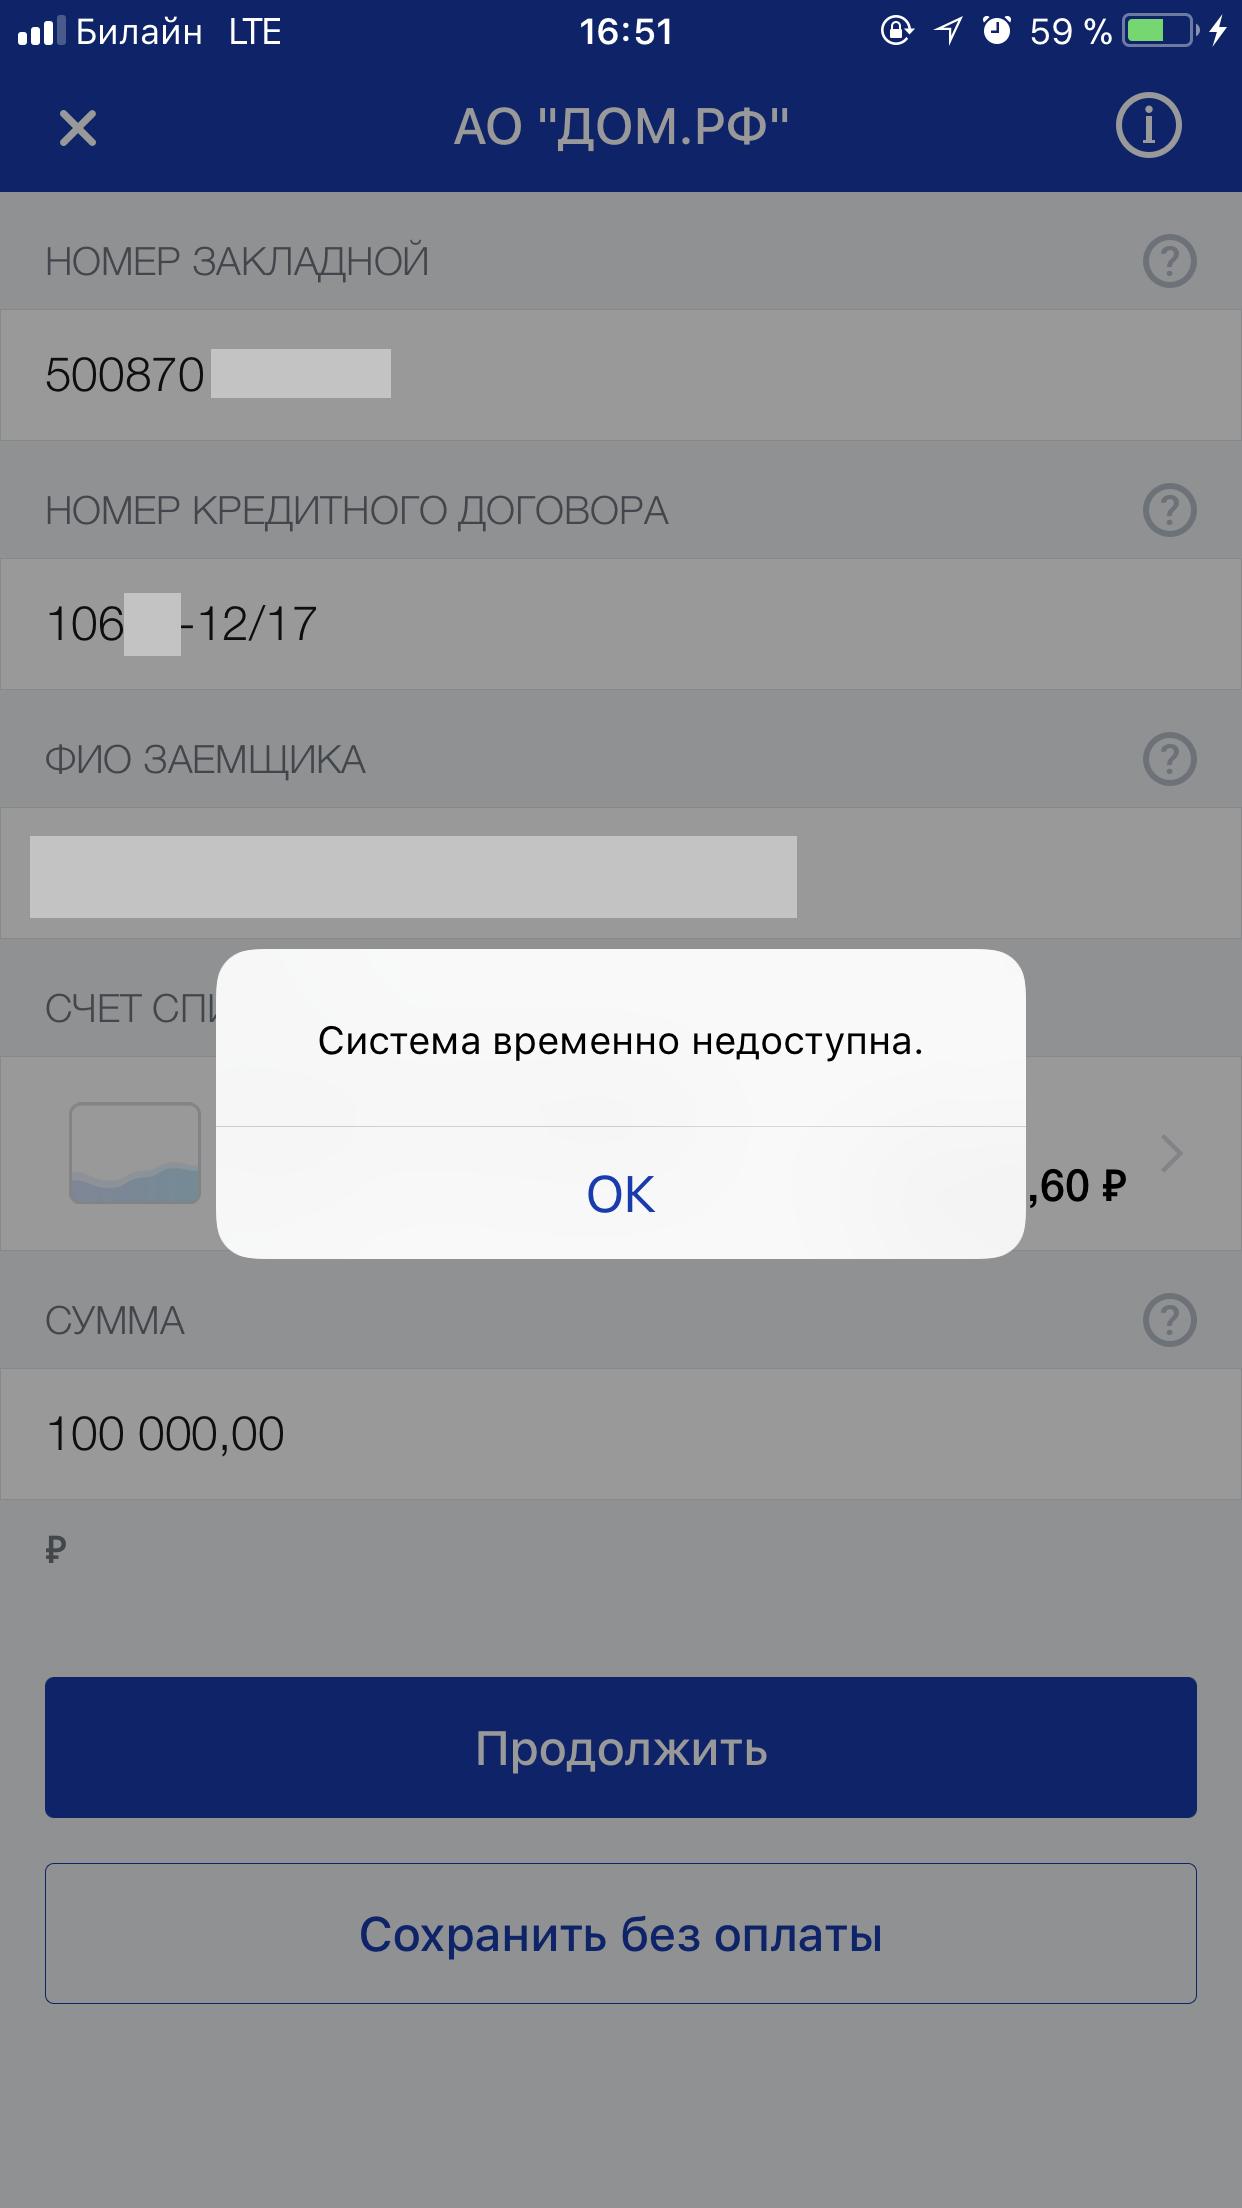 Переводы с некоторых счетов ВТБ в адрес ДОМ.РФ временно не проходят по техническим причинам